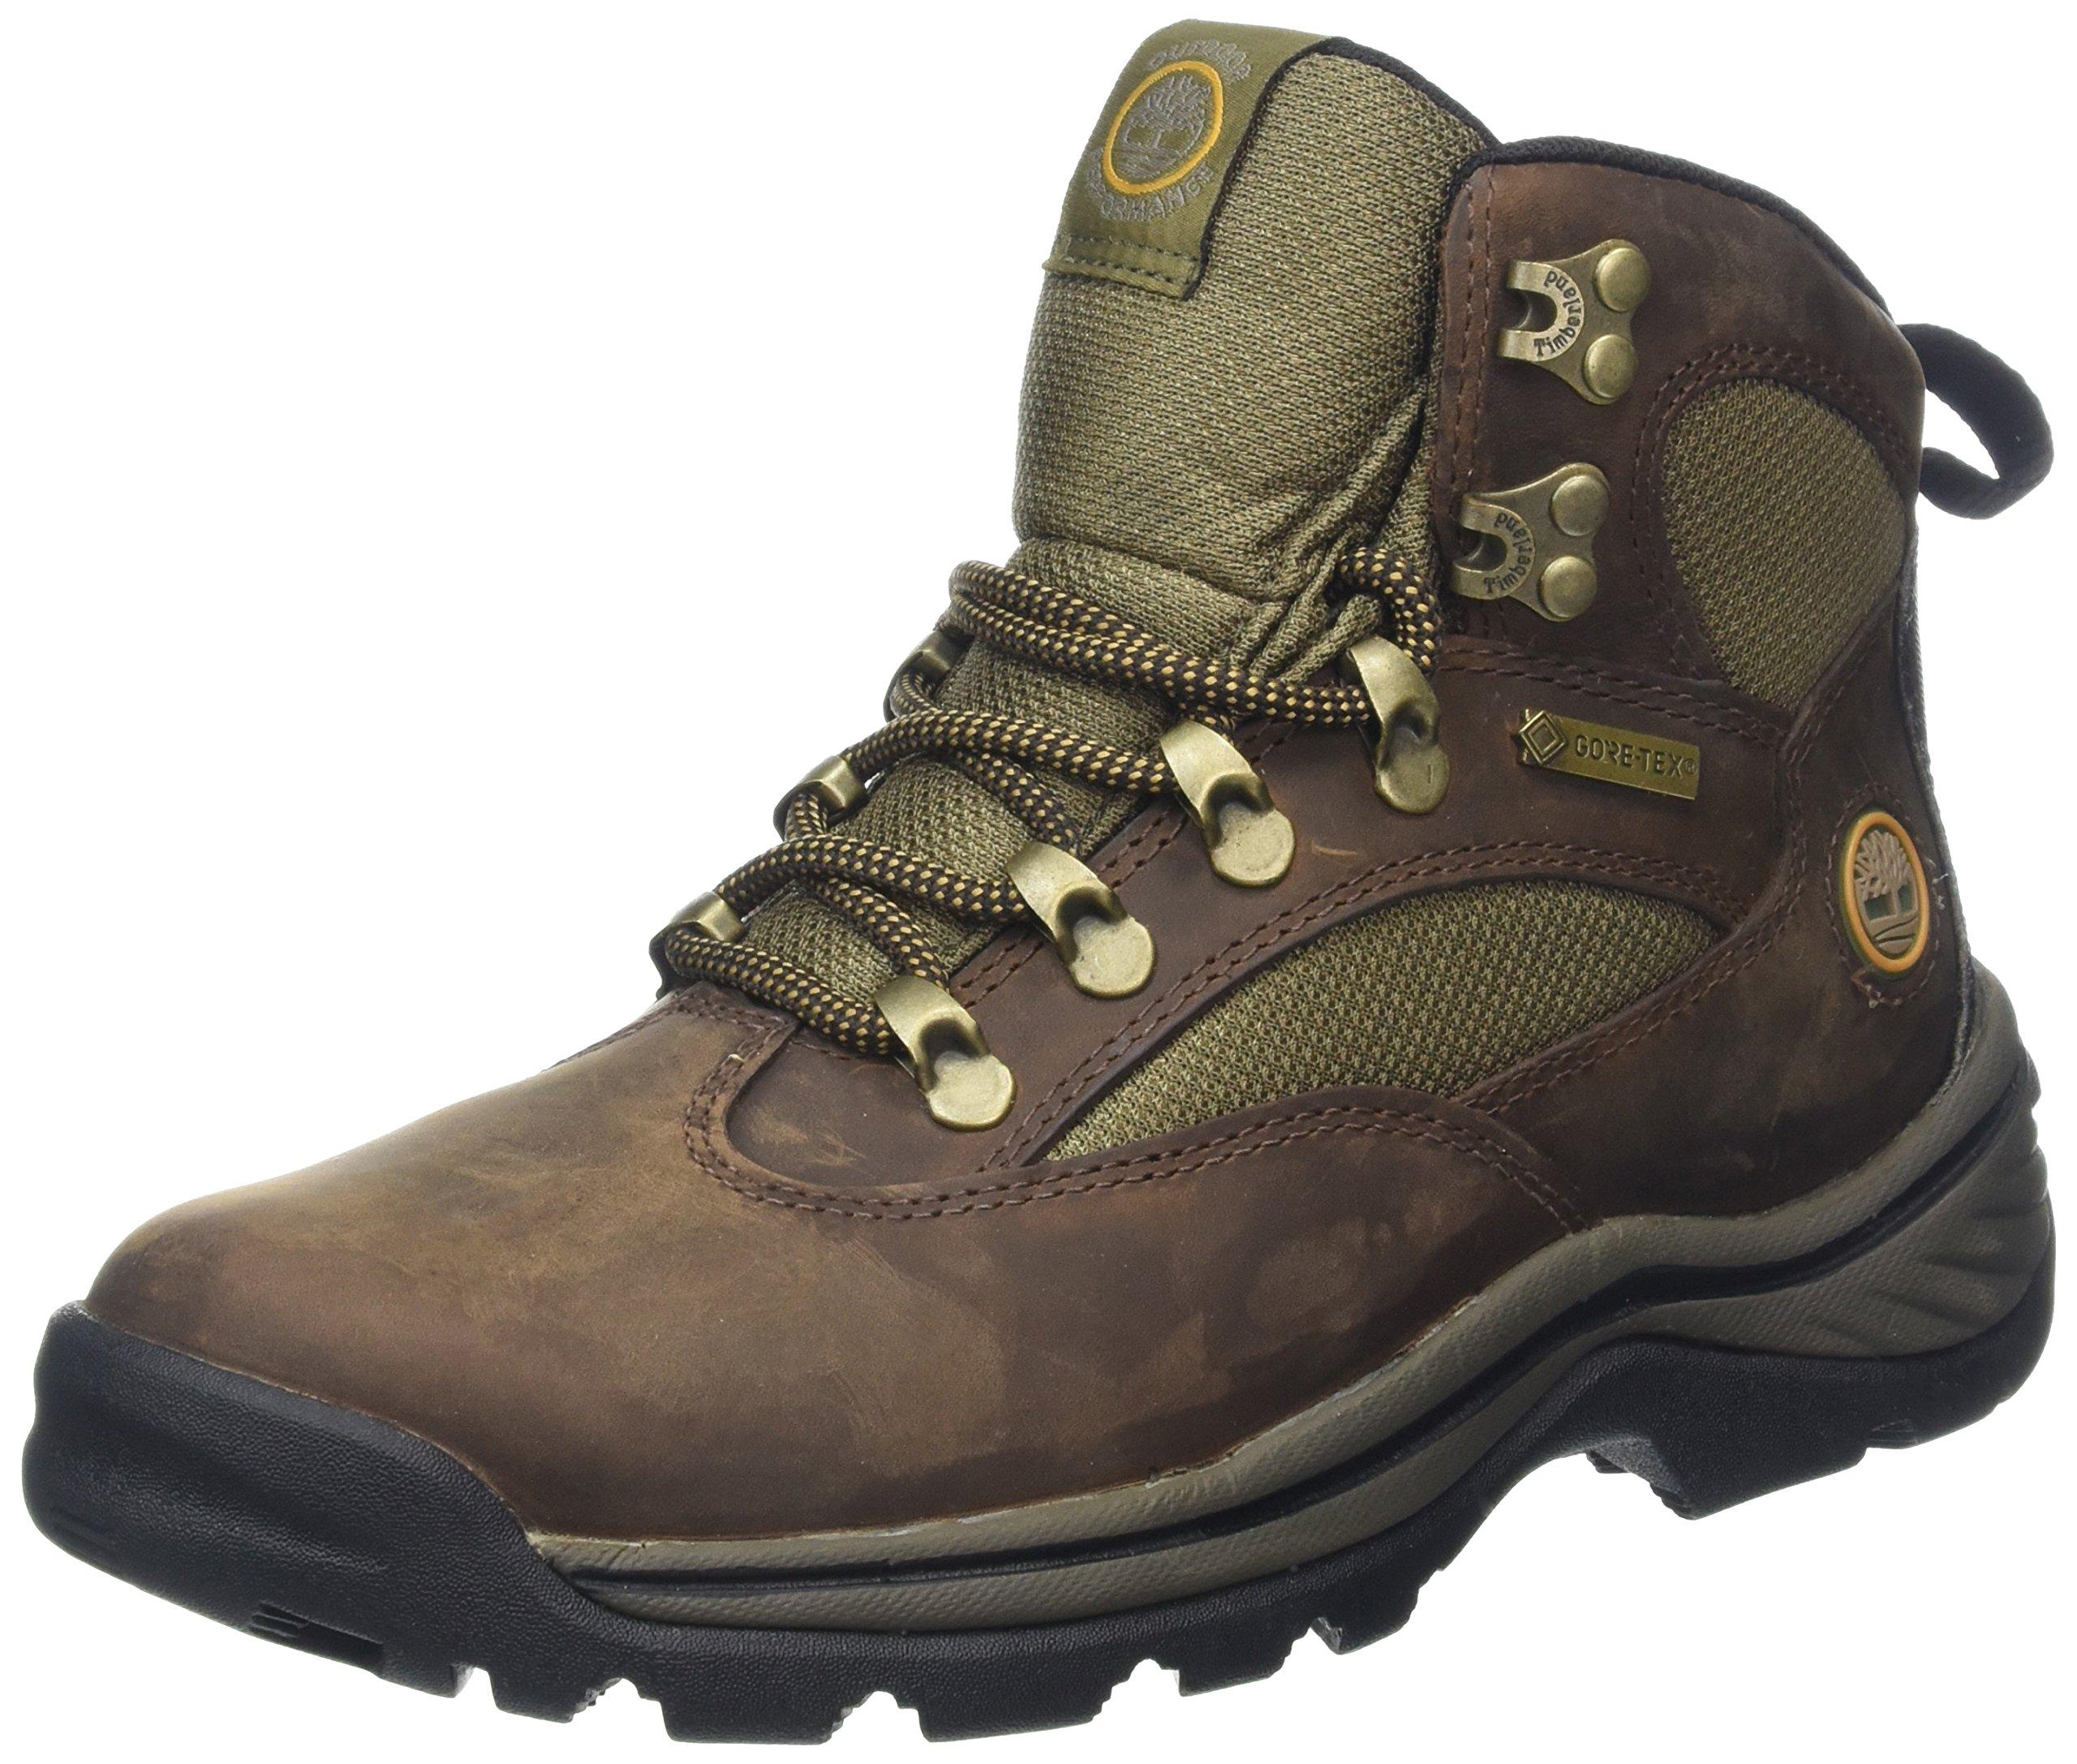 Timberland Women's Chocorua Trail Boot,Brown,8 M